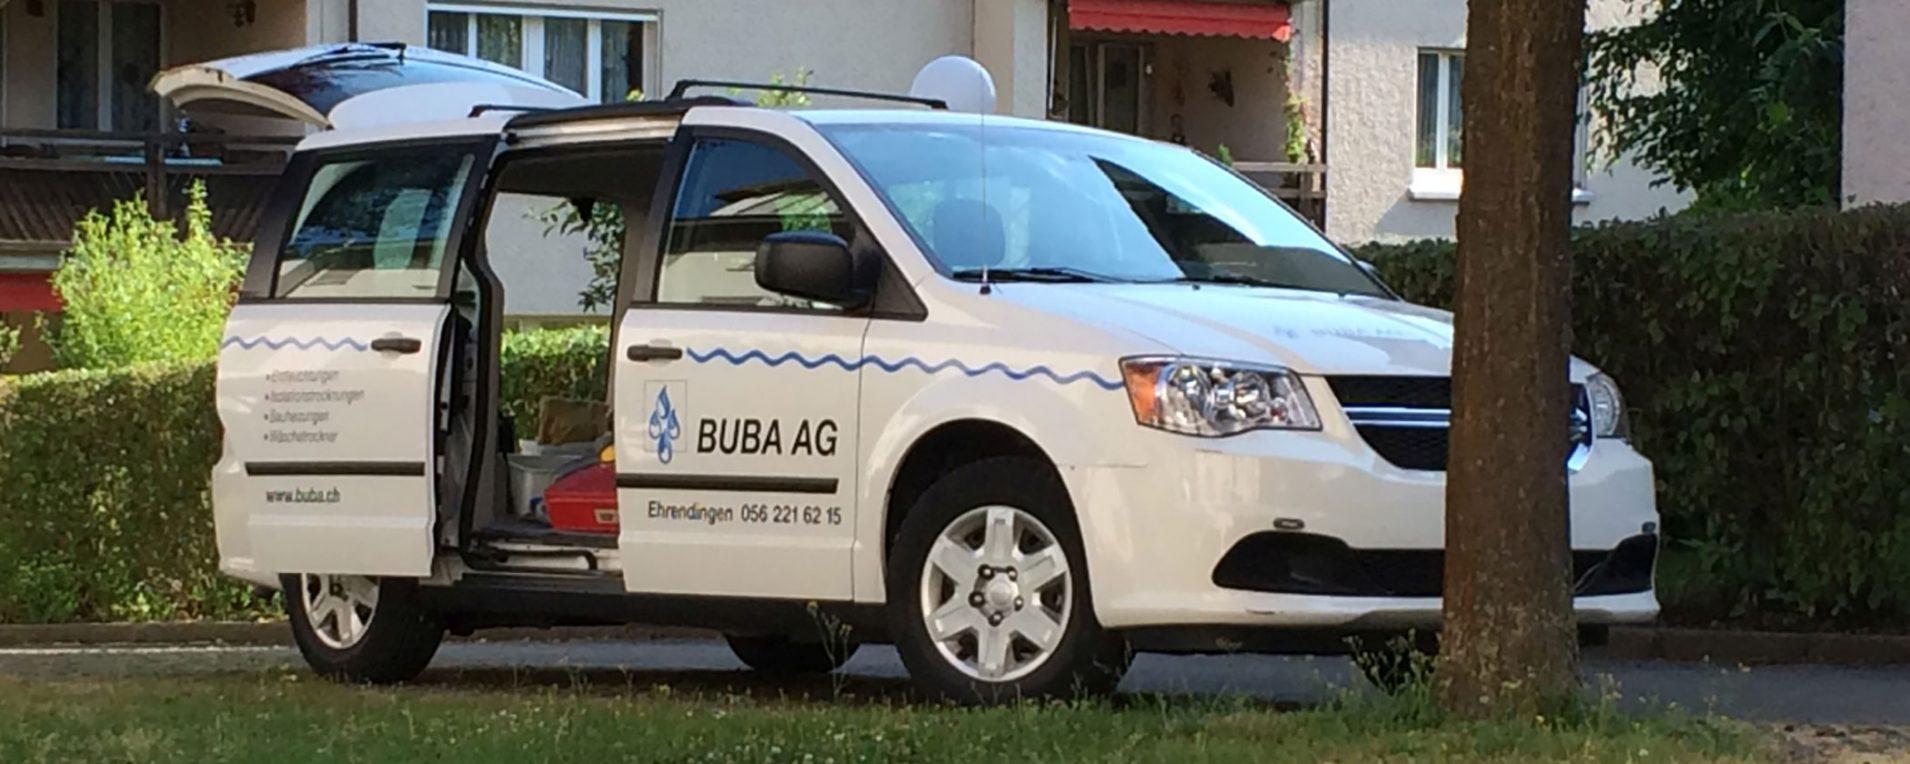 Auto der BUBA AG in Ehrendingen